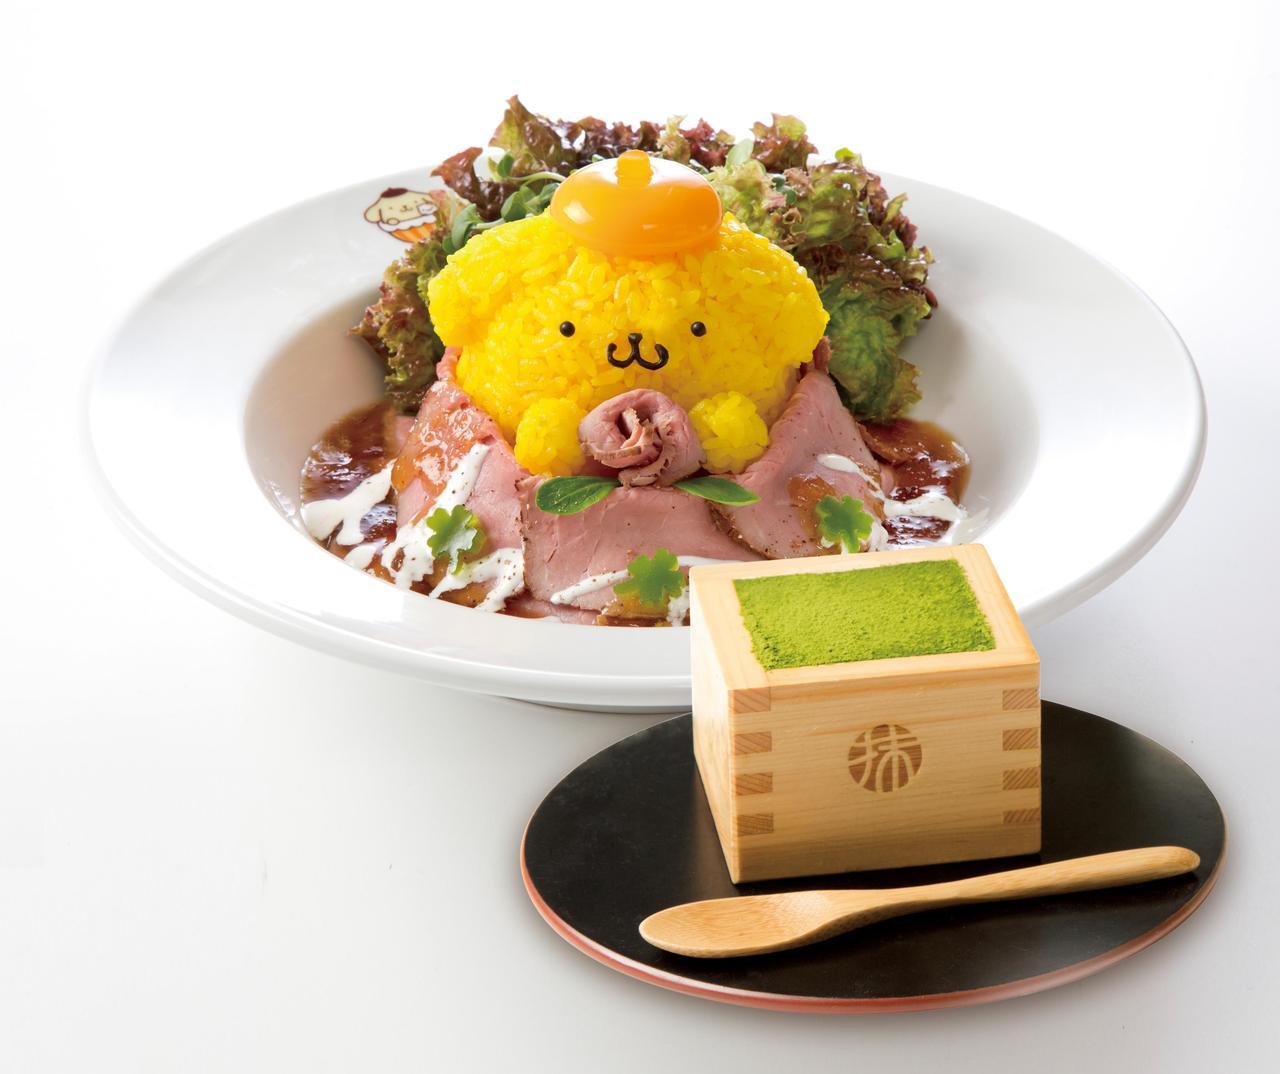 画像: ローズなミートで♪ローストビーフ丼+宇治抹茶のティラミス